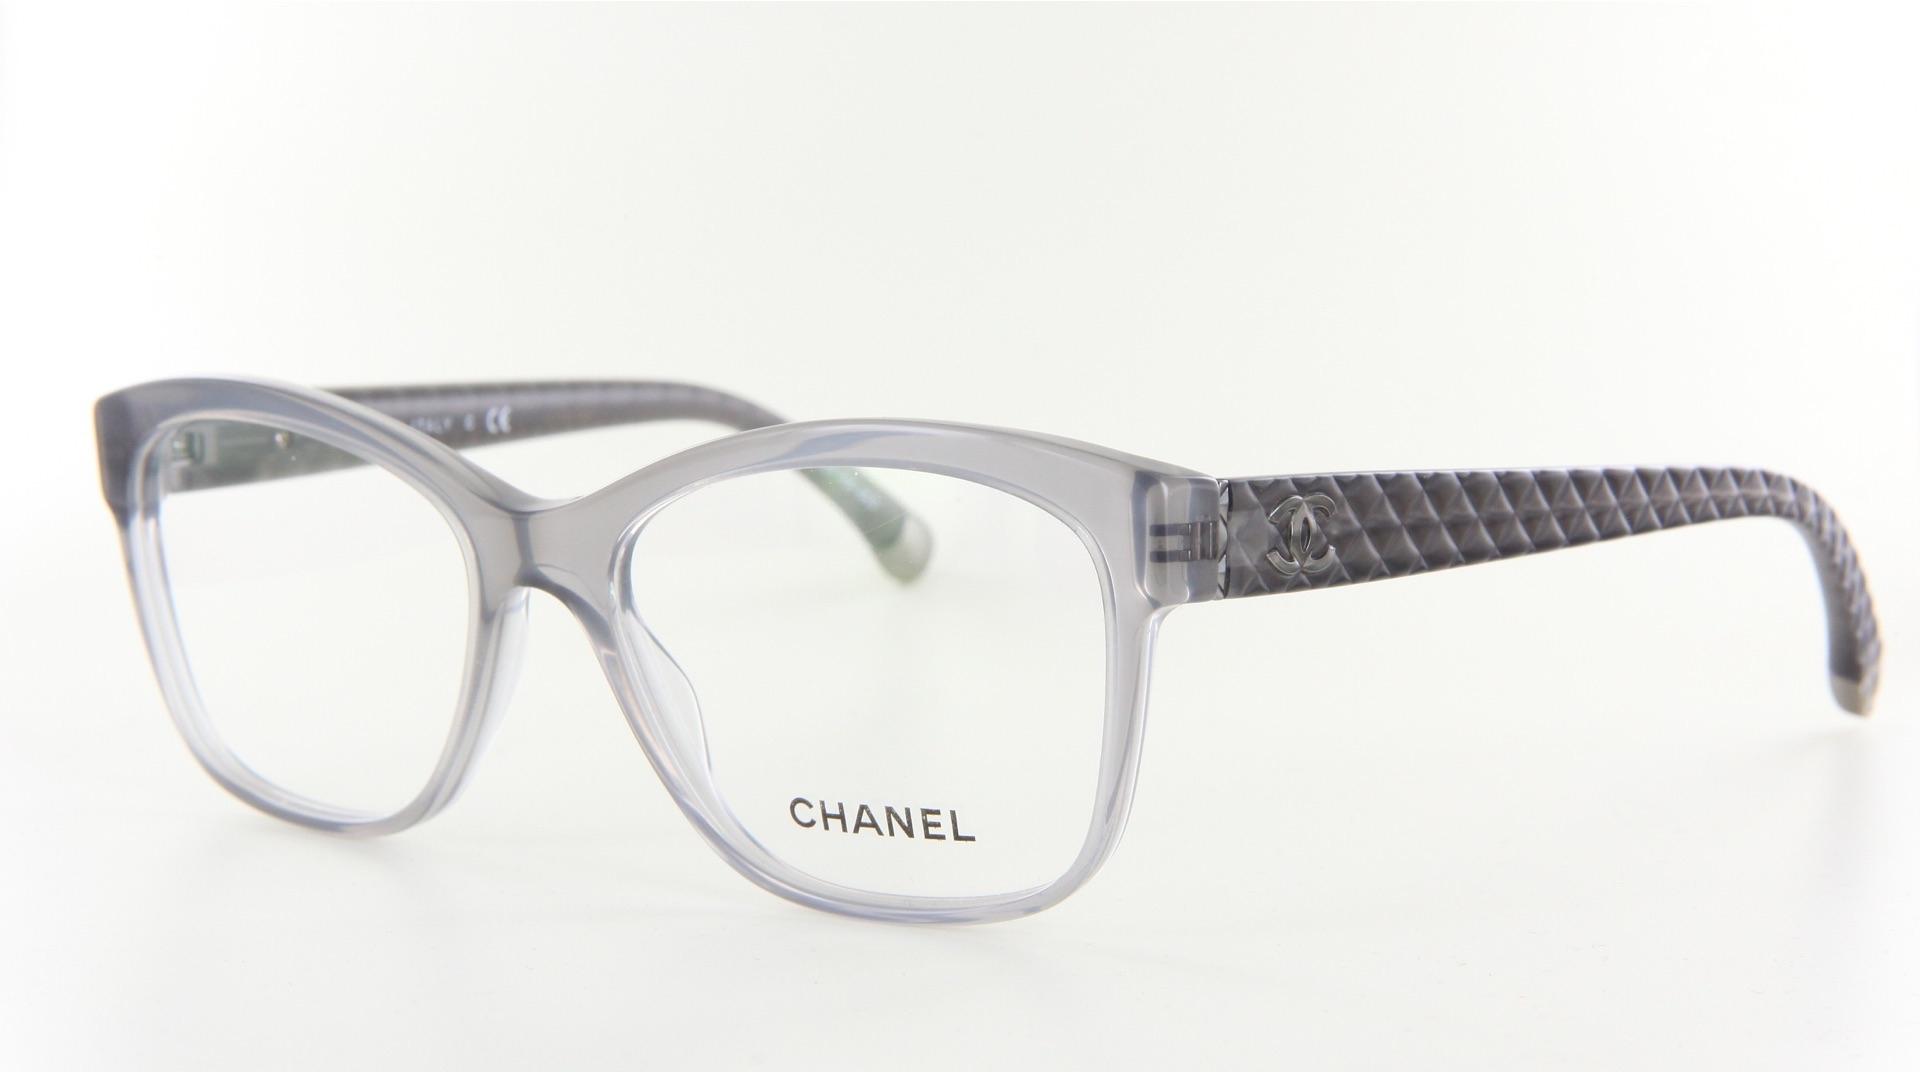 Chanel - ref: 73986